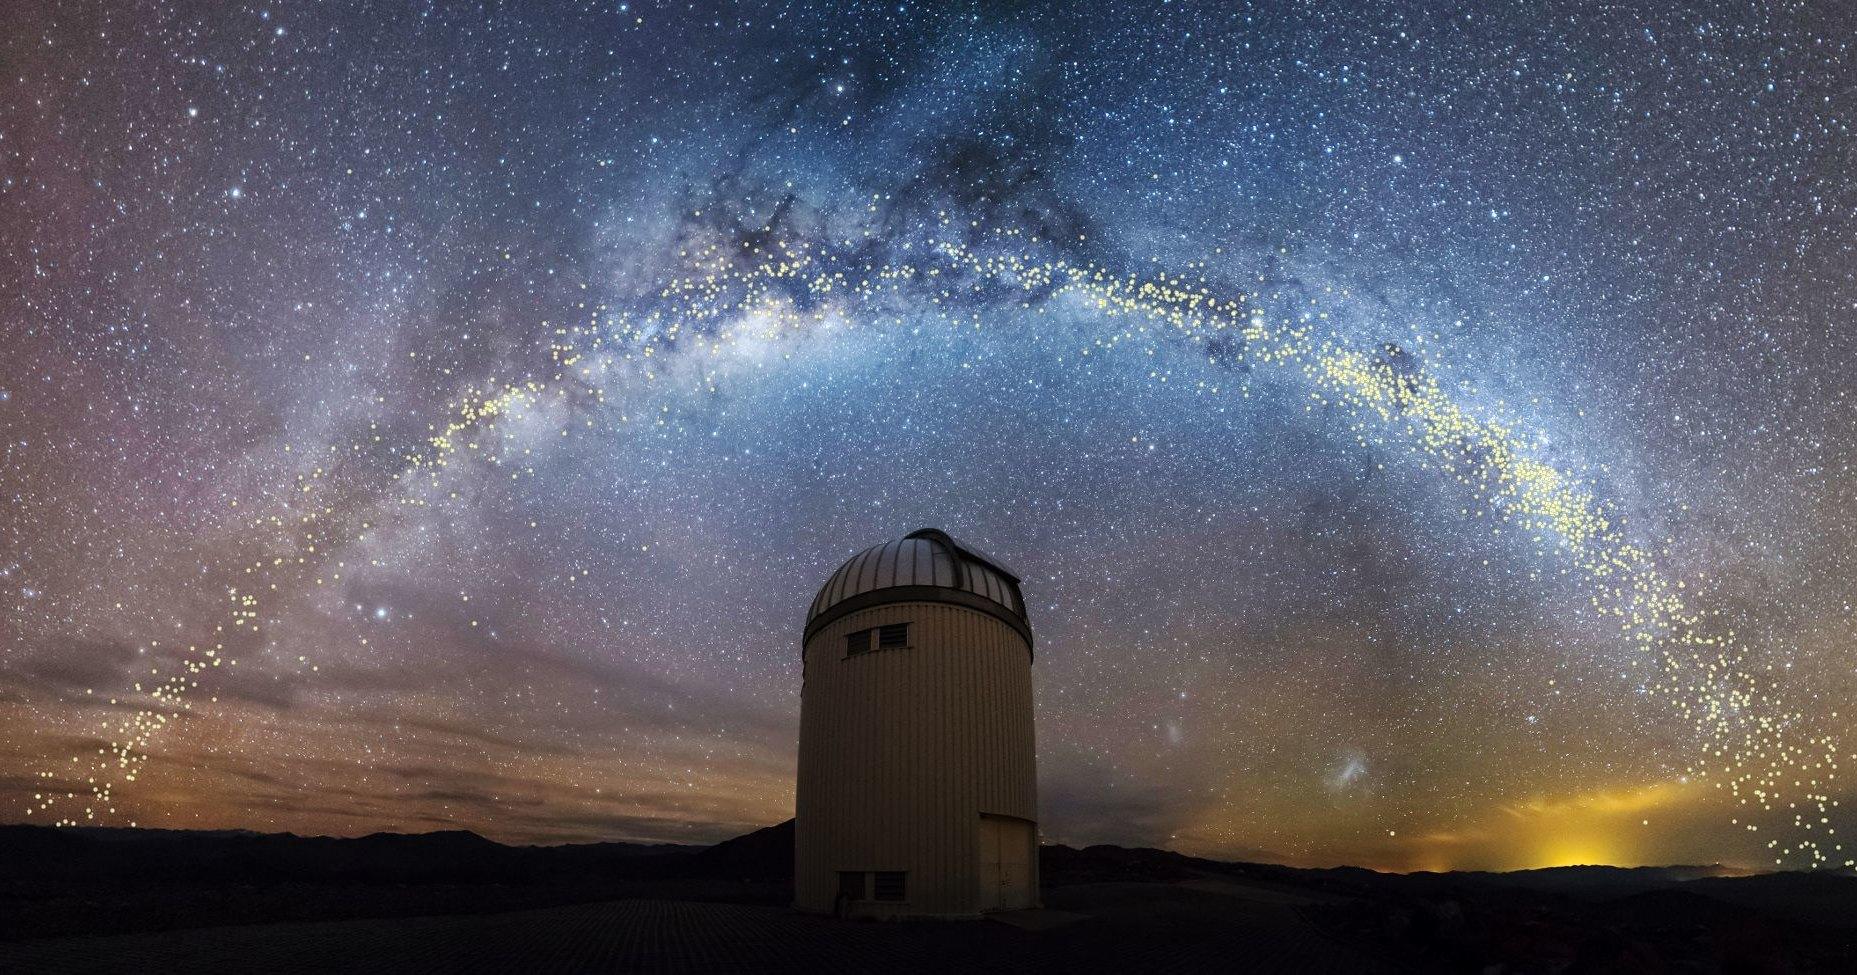 220 000 000 лет образования звезд на одной карте